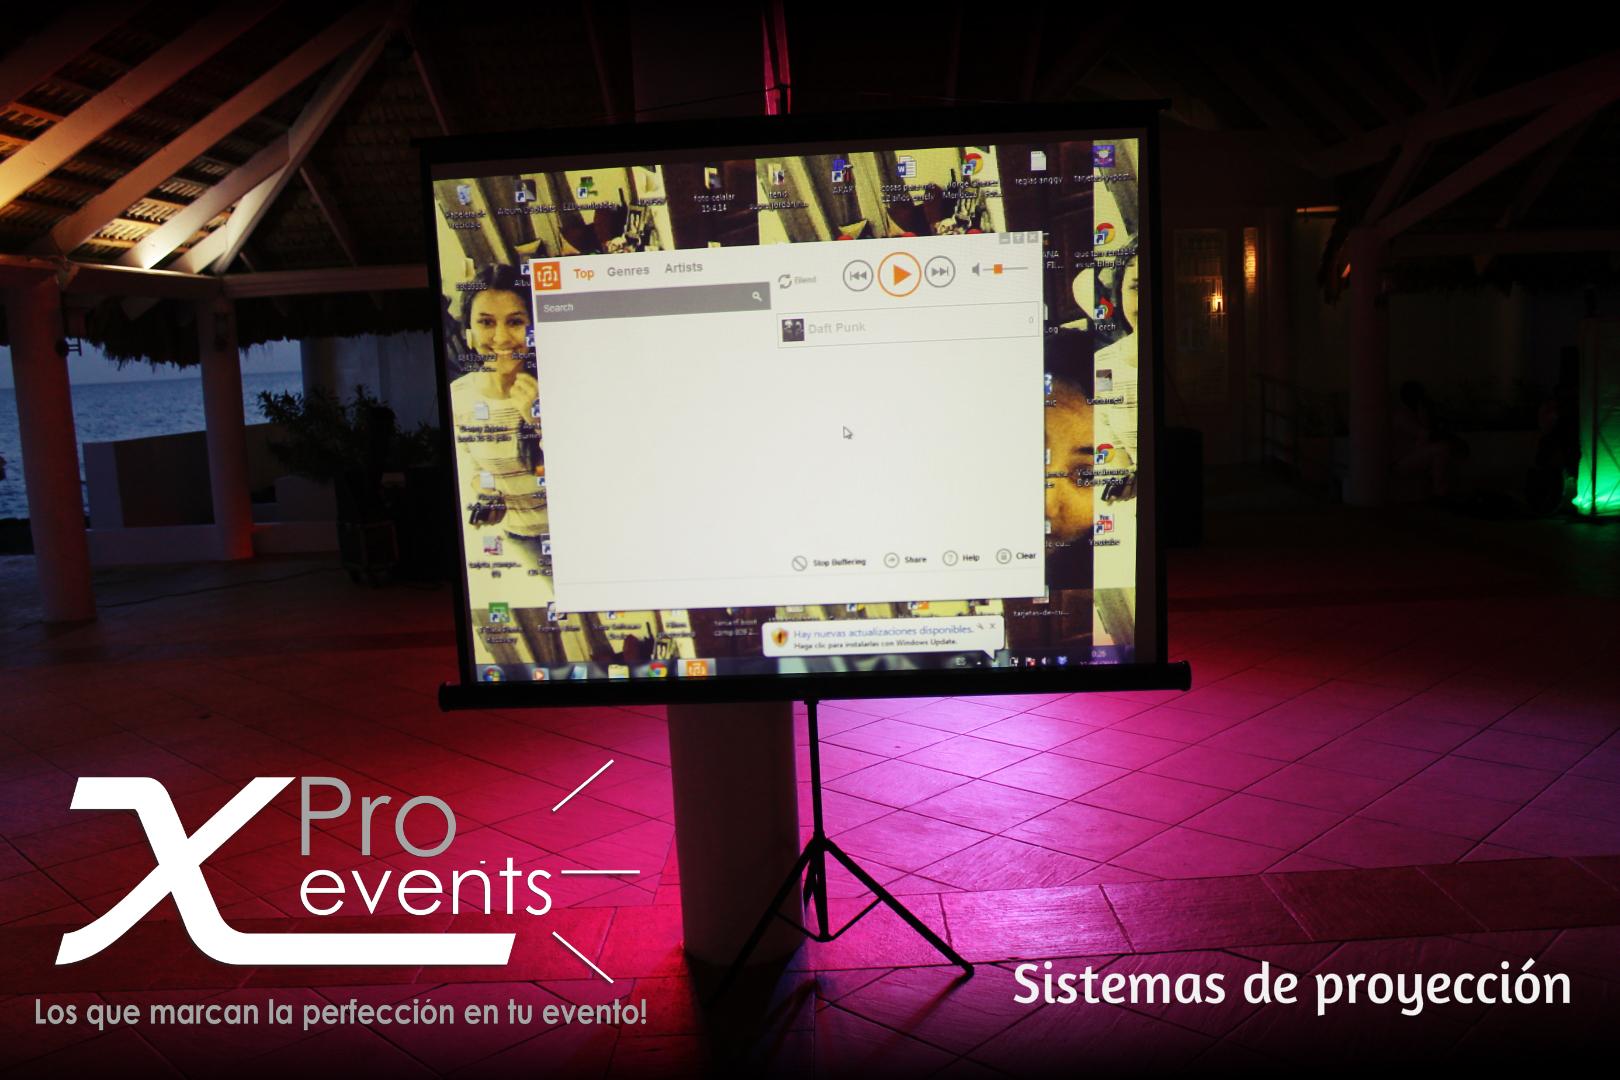 www.Xproevents.com - Sistemas de proyeccion y pantallas gigante.jpg